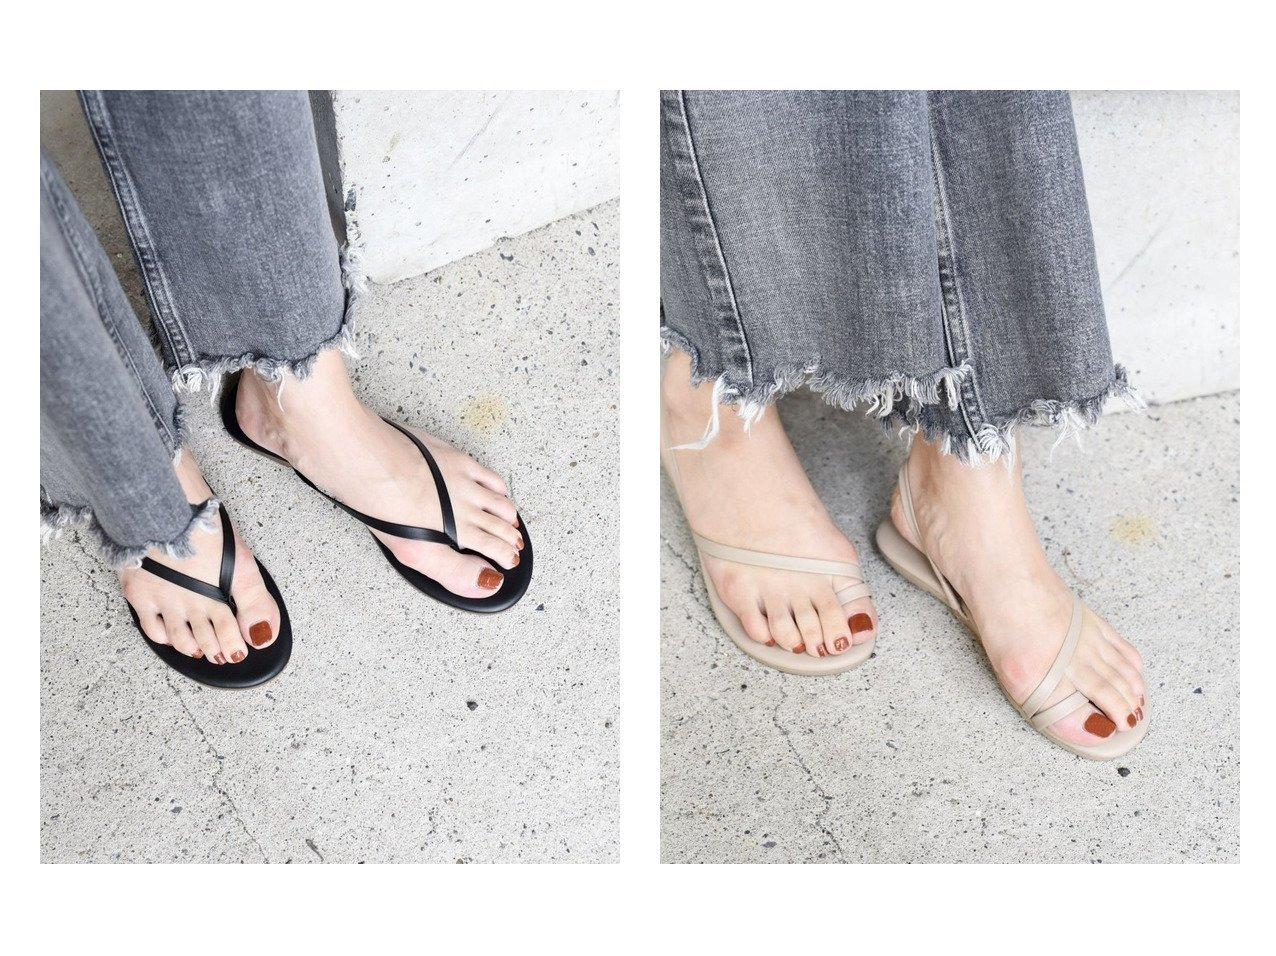 【SHIPS/シップス フォー ウィメン】のTKEES:LC SANDAL&TKEES:SANDAL シューズ・靴のおすすめ!人気、トレンド・レディースファッションの通販  おすすめで人気の流行・トレンド、ファッションの通販商品 メンズファッション・キッズファッション・インテリア・家具・レディースファッション・服の通販 founy(ファニー) https://founy.com/ ファッション Fashion レディースファッション WOMEN NEW・新作・新着・新入荷 New Arrivals サンダル シューズ シンプル ビーチ ベーシック ミュール リゾート 人気 |ID:crp329100000009814